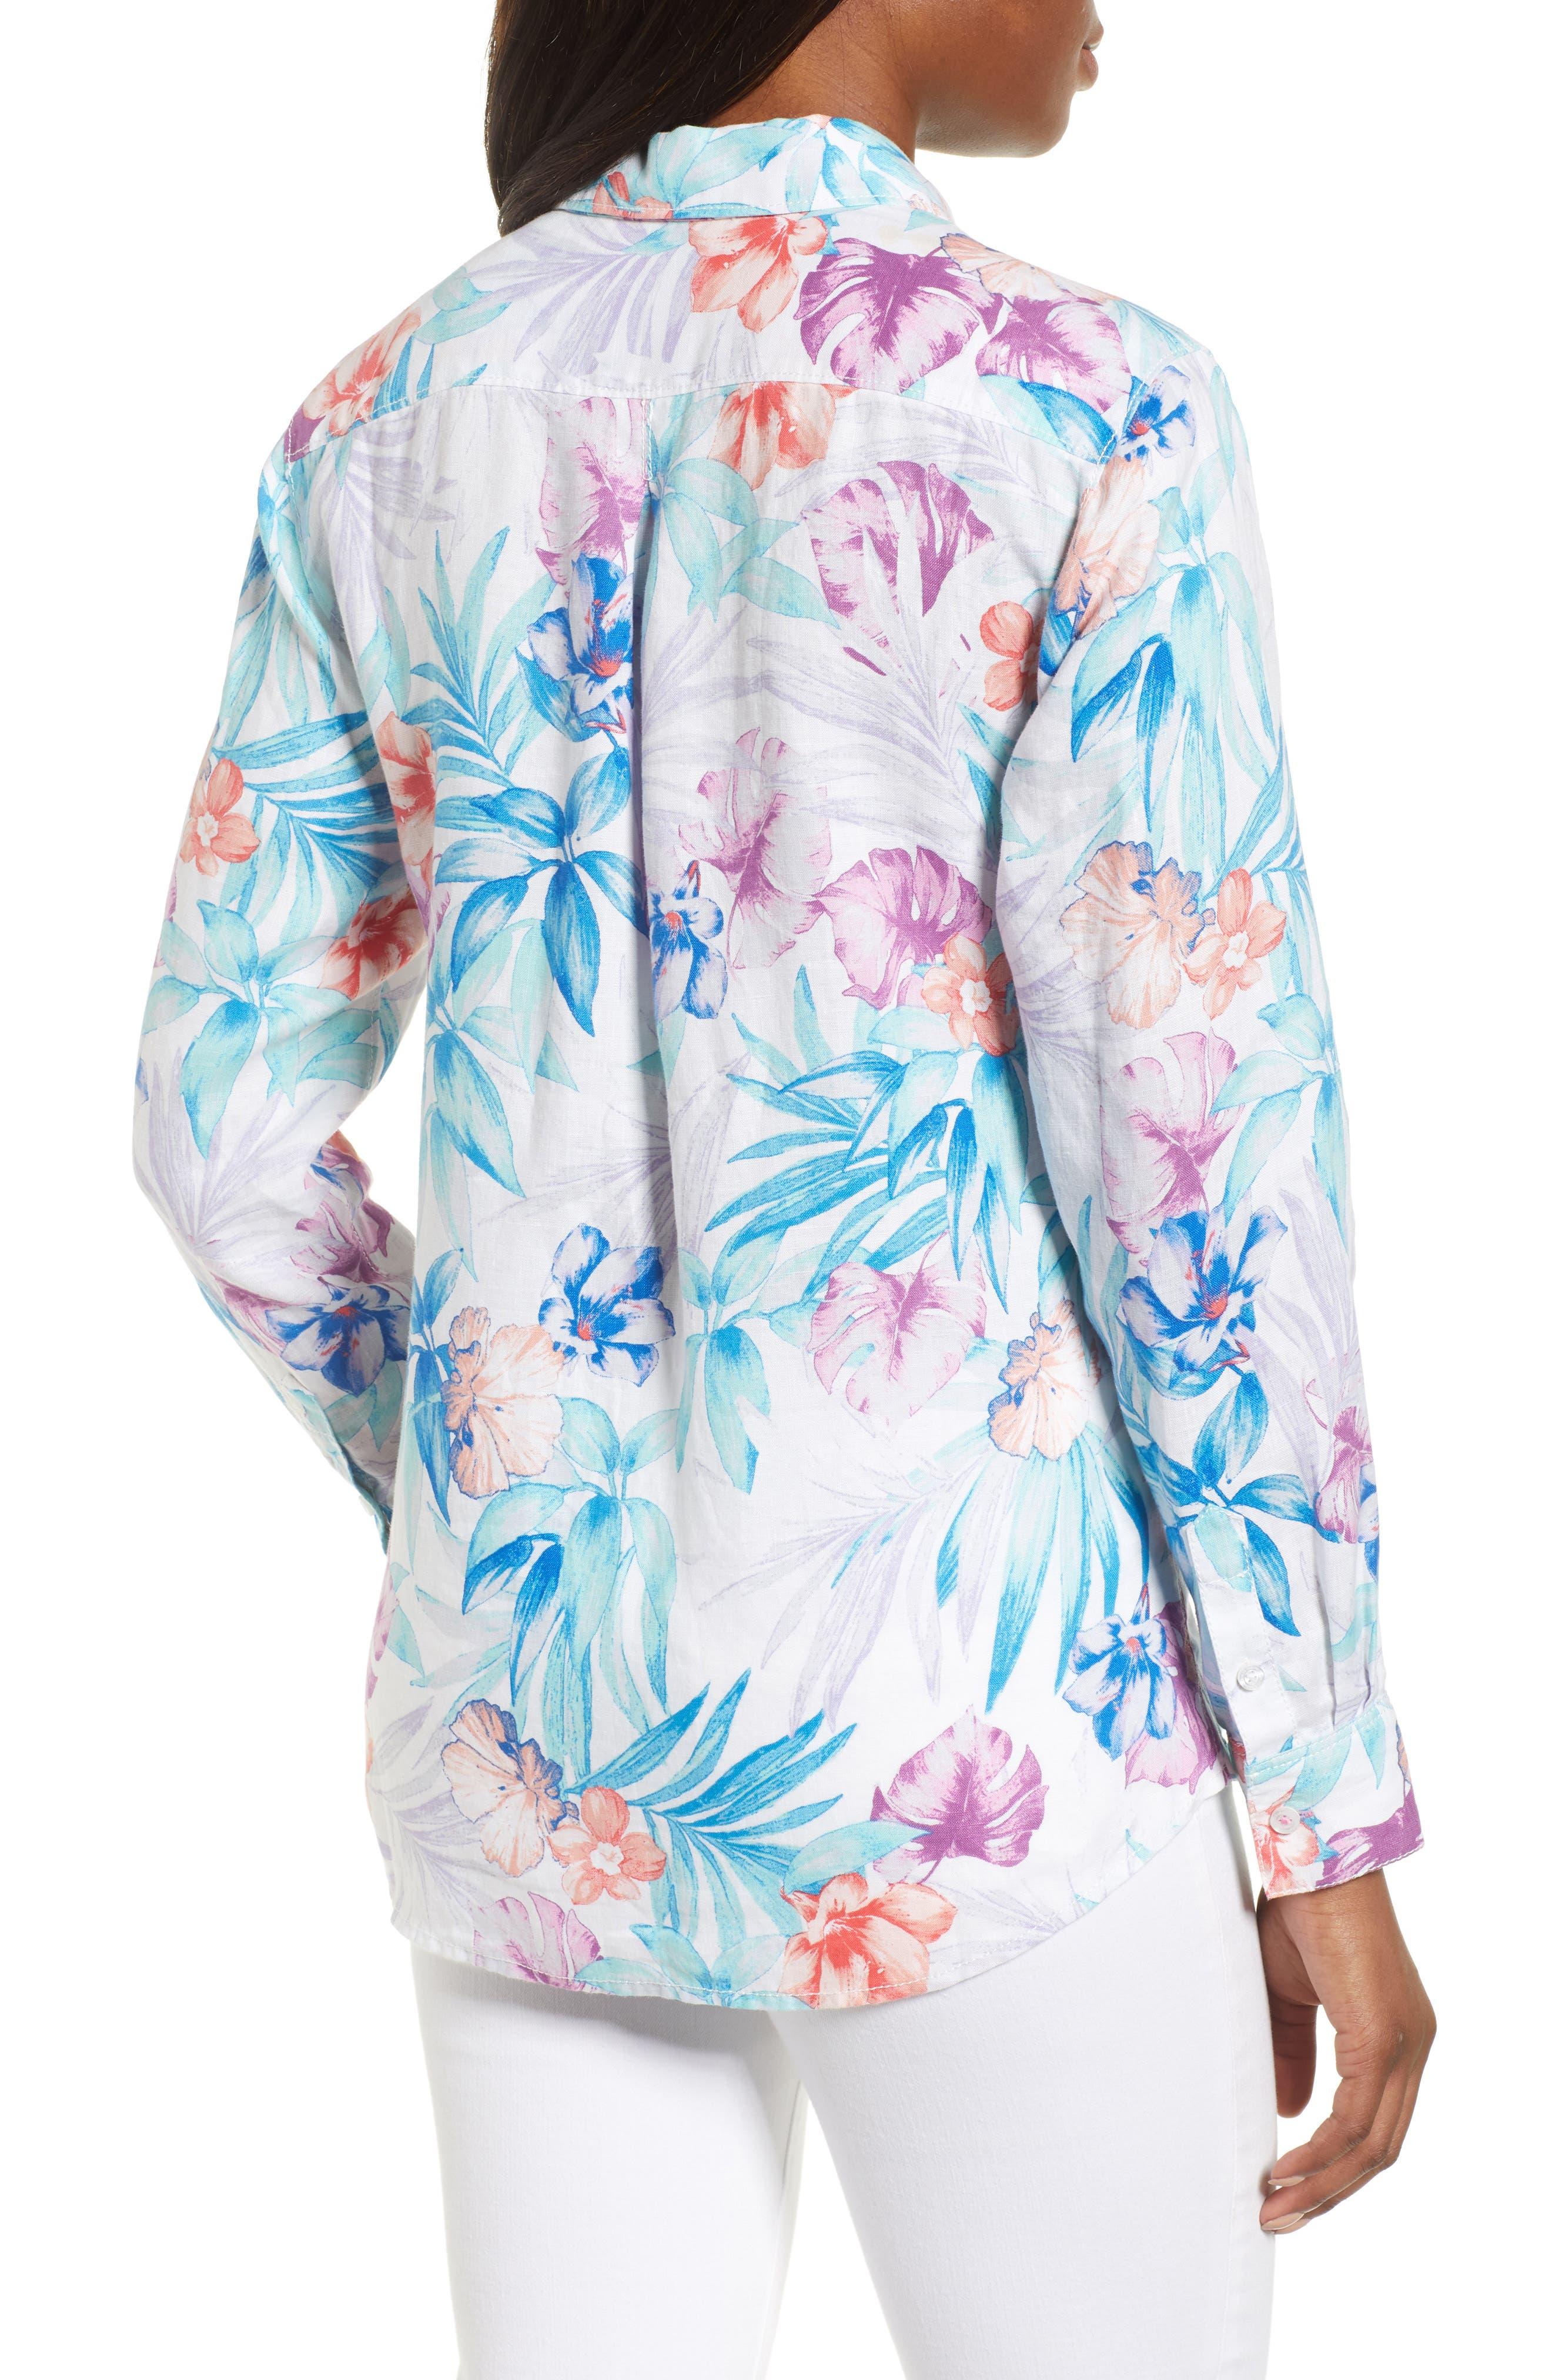 Valentina Villa Shirt,                             Alternate thumbnail 2, color,                             White